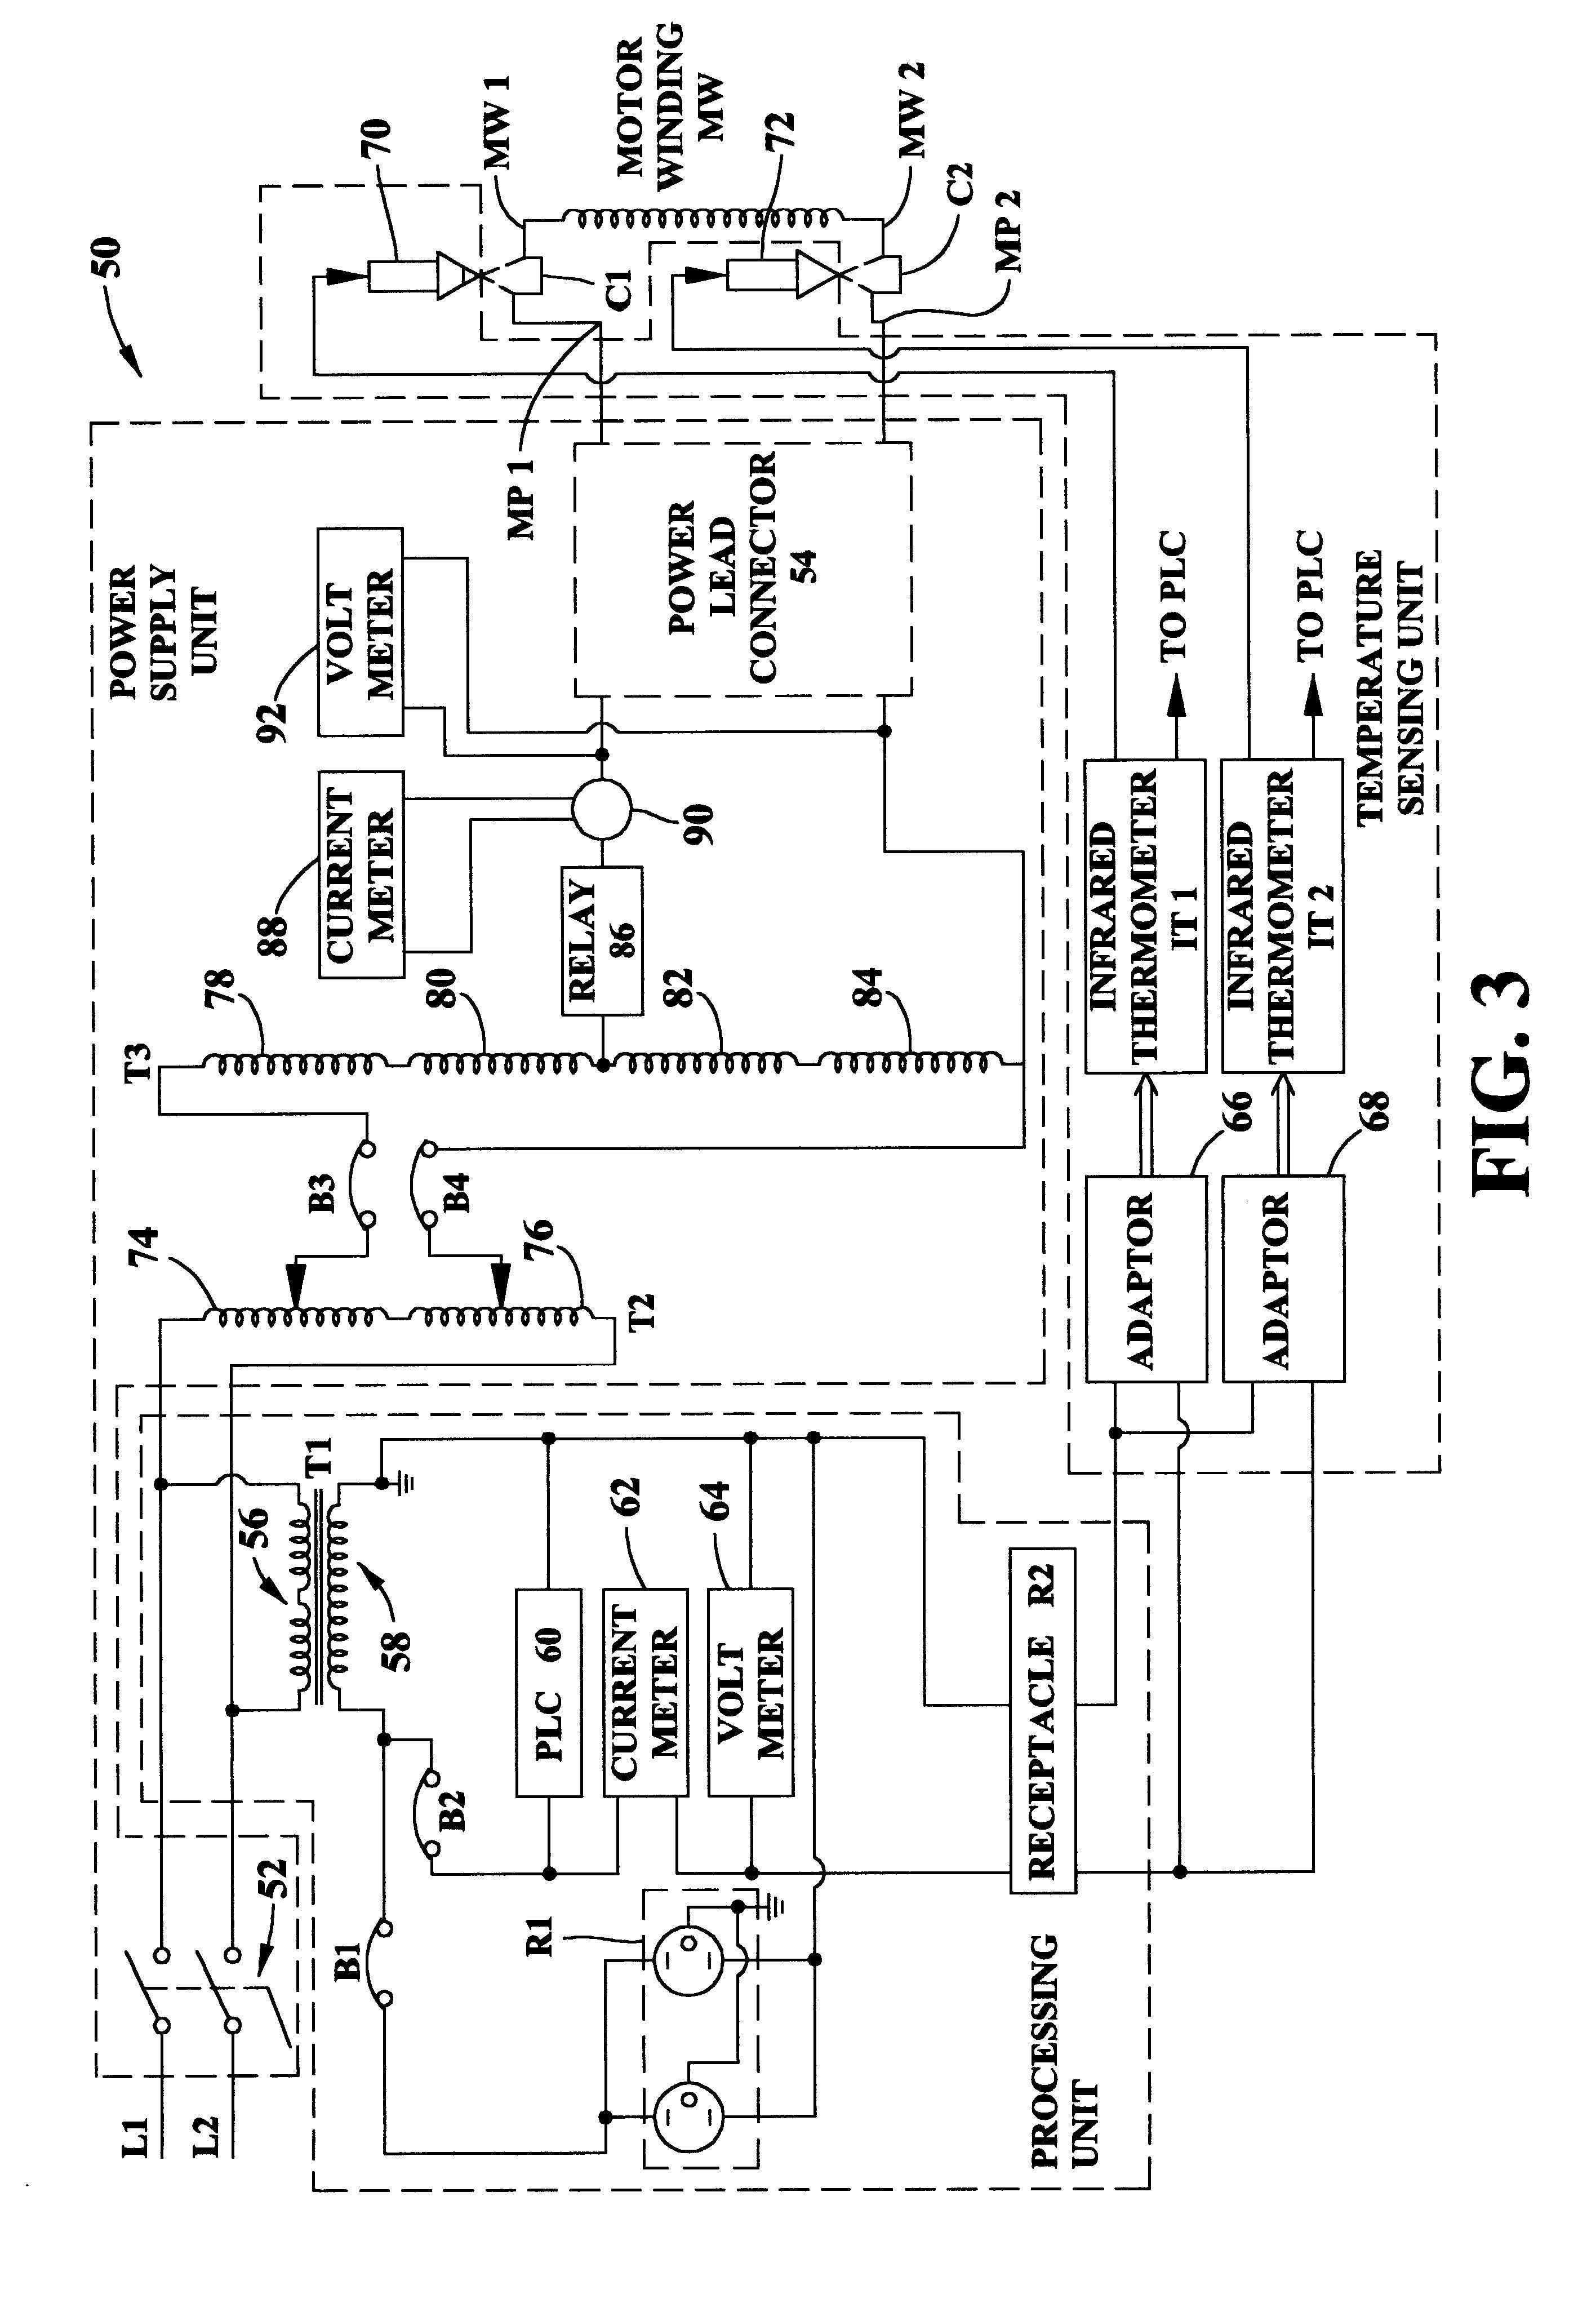 Unique Wiring Diagram for Olympian Generator #diagram #